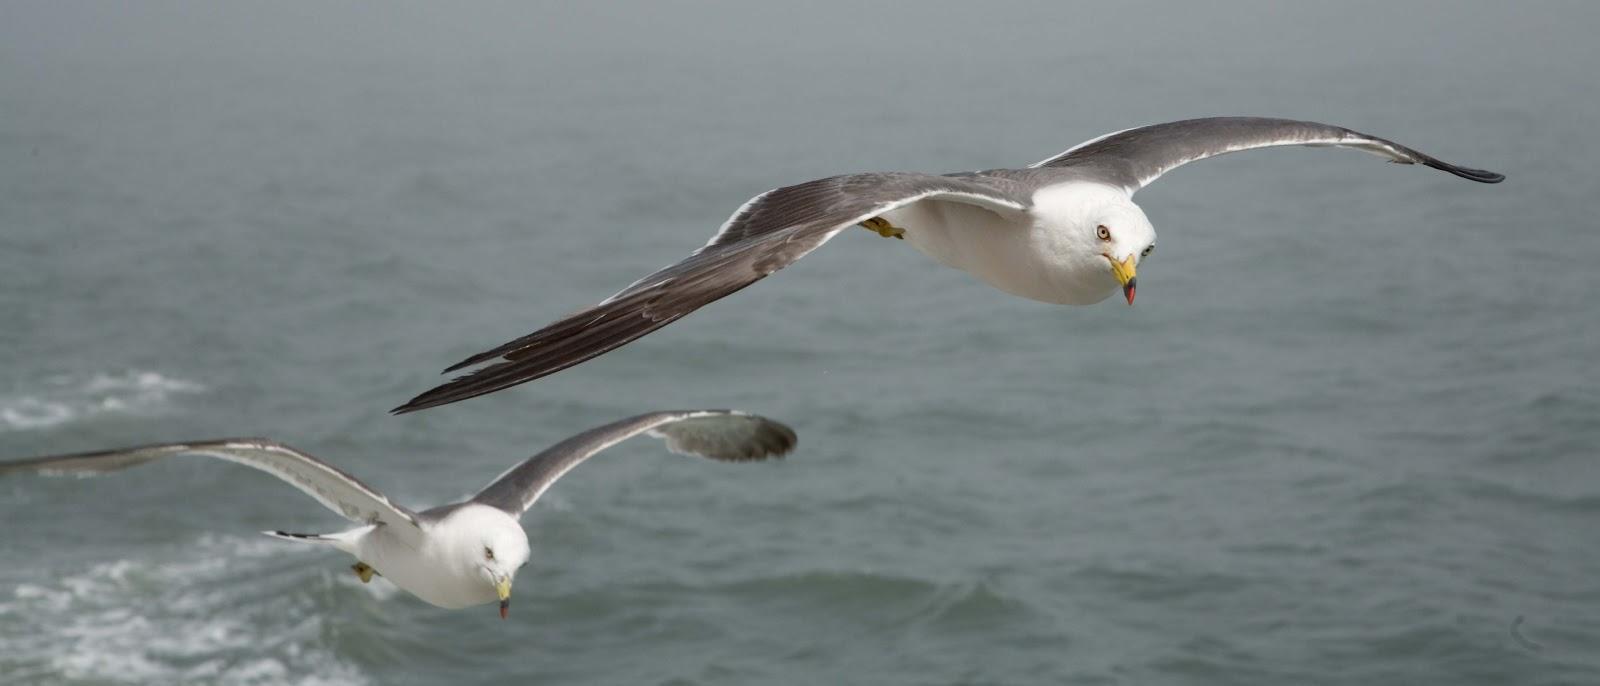 松島の海を飛ぶ二羽の鴎